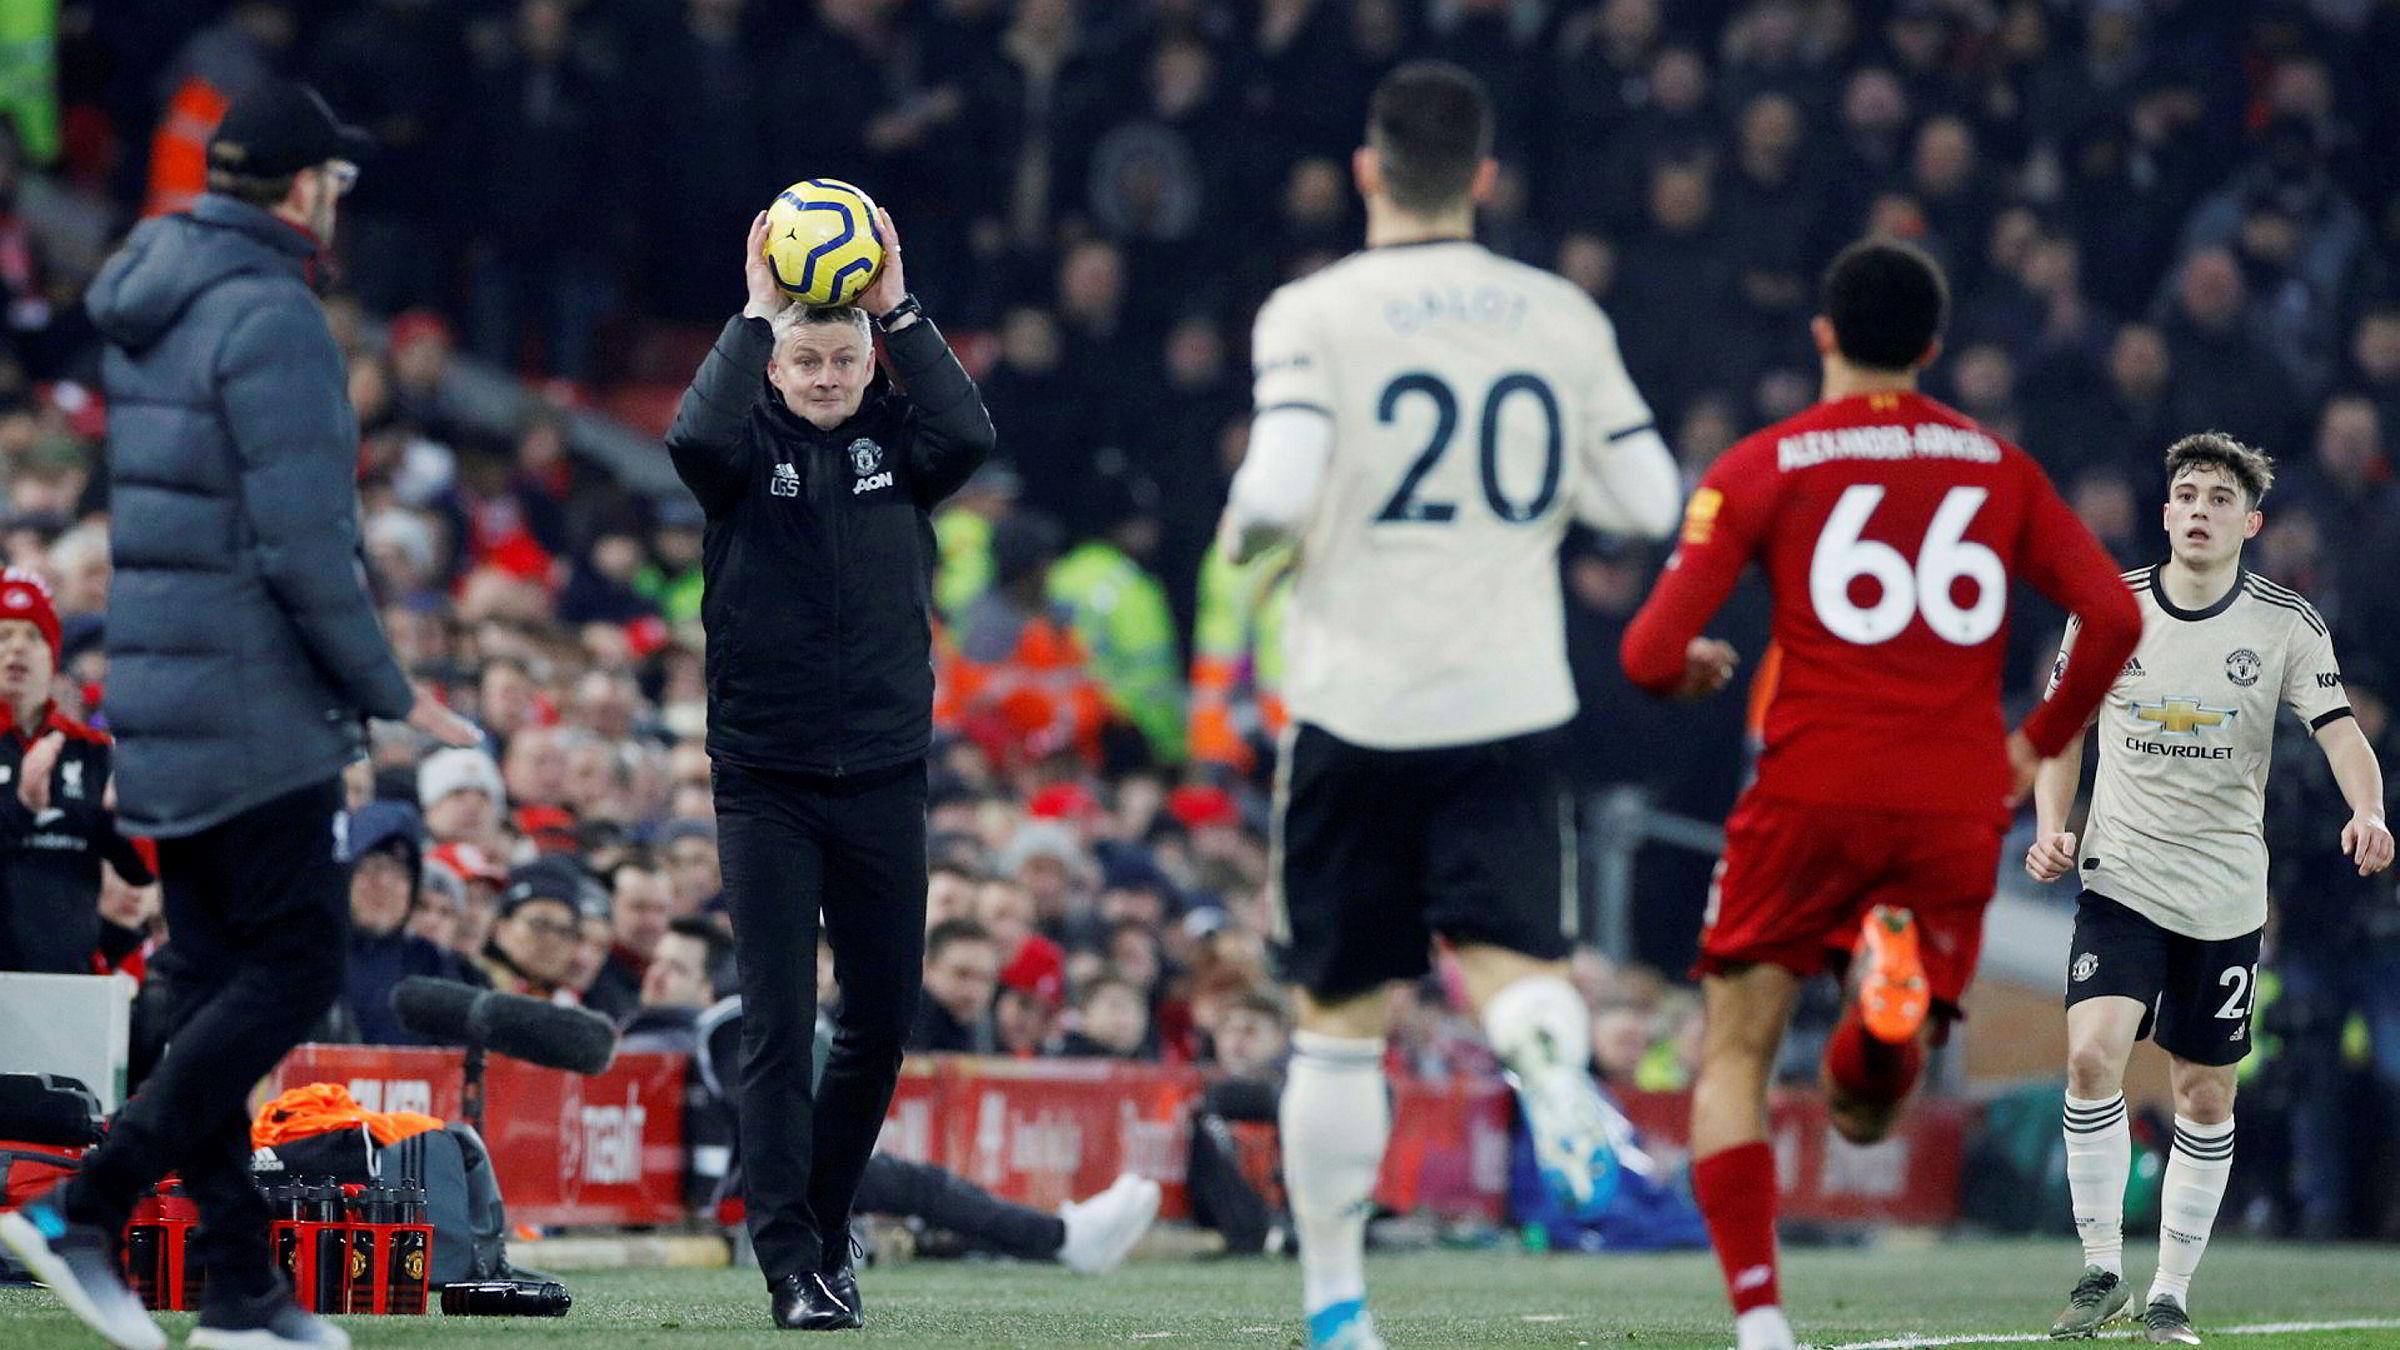 Rivaloppgjøret mellom Liverpool FC og Manchester United trakk 157.000 norske seere til TV 2s lineære tv-kanal alene for en drøy uke siden. Kampen om disse seerne begynner i dag.